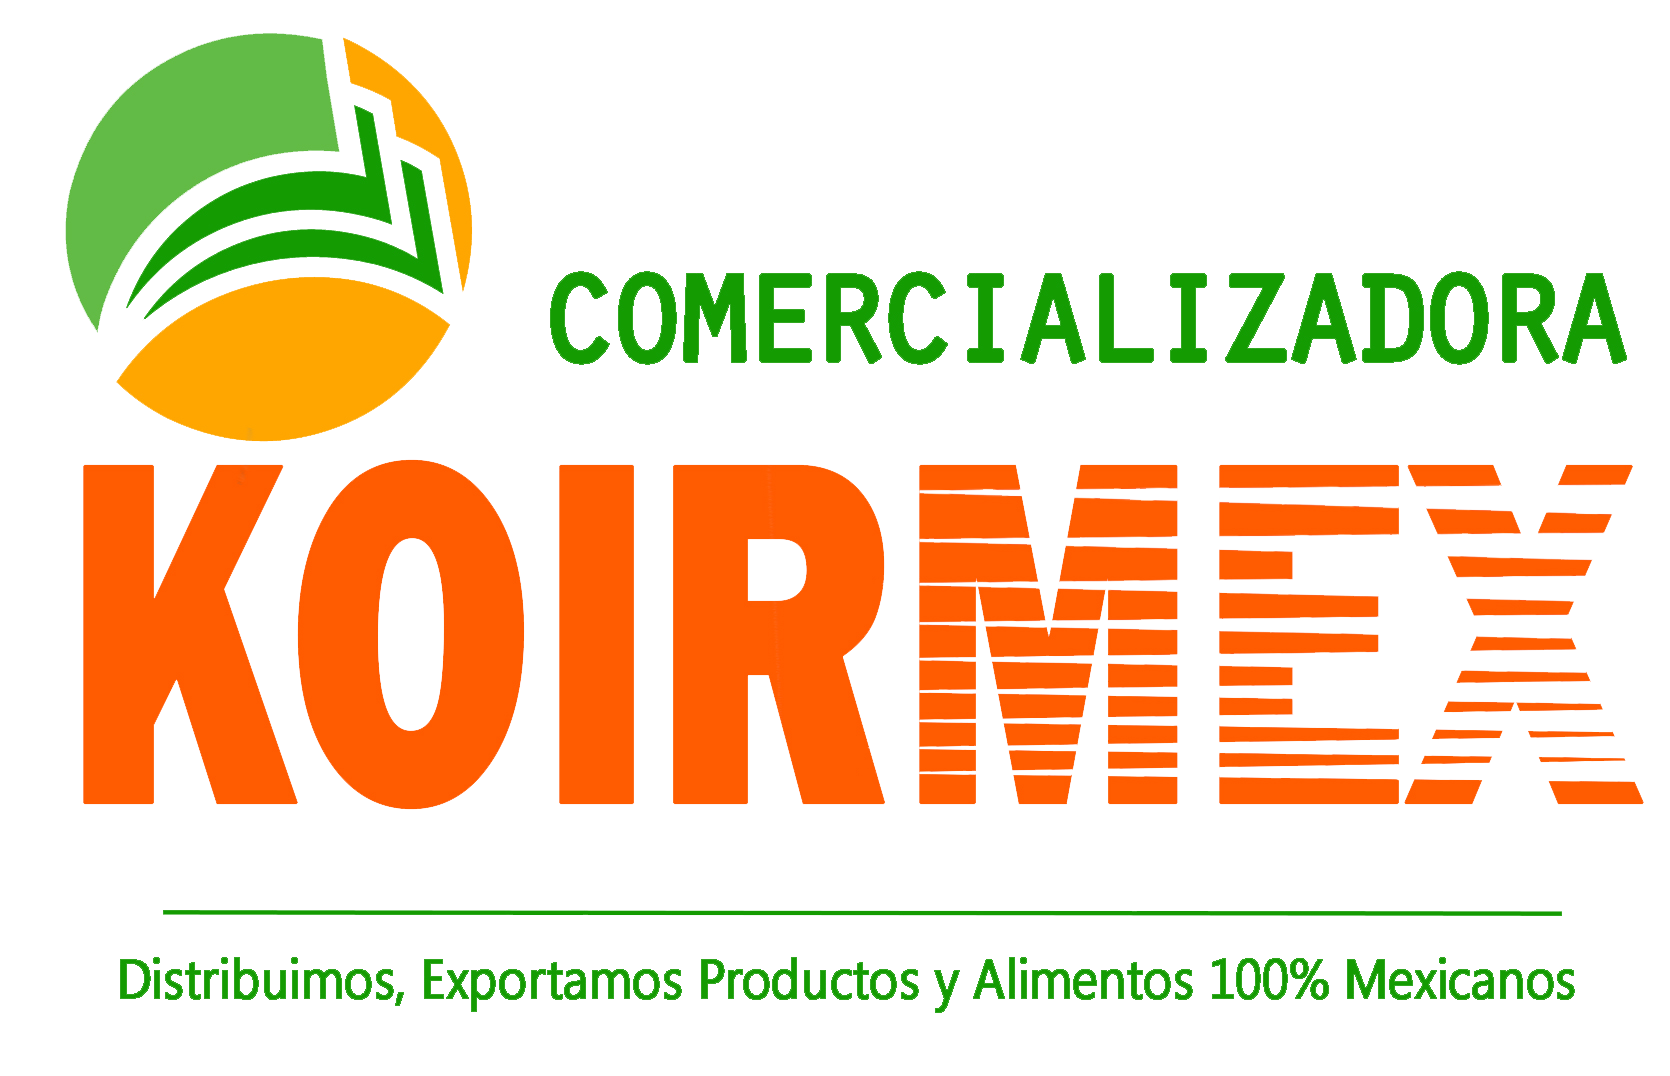 logo koirmex 2017